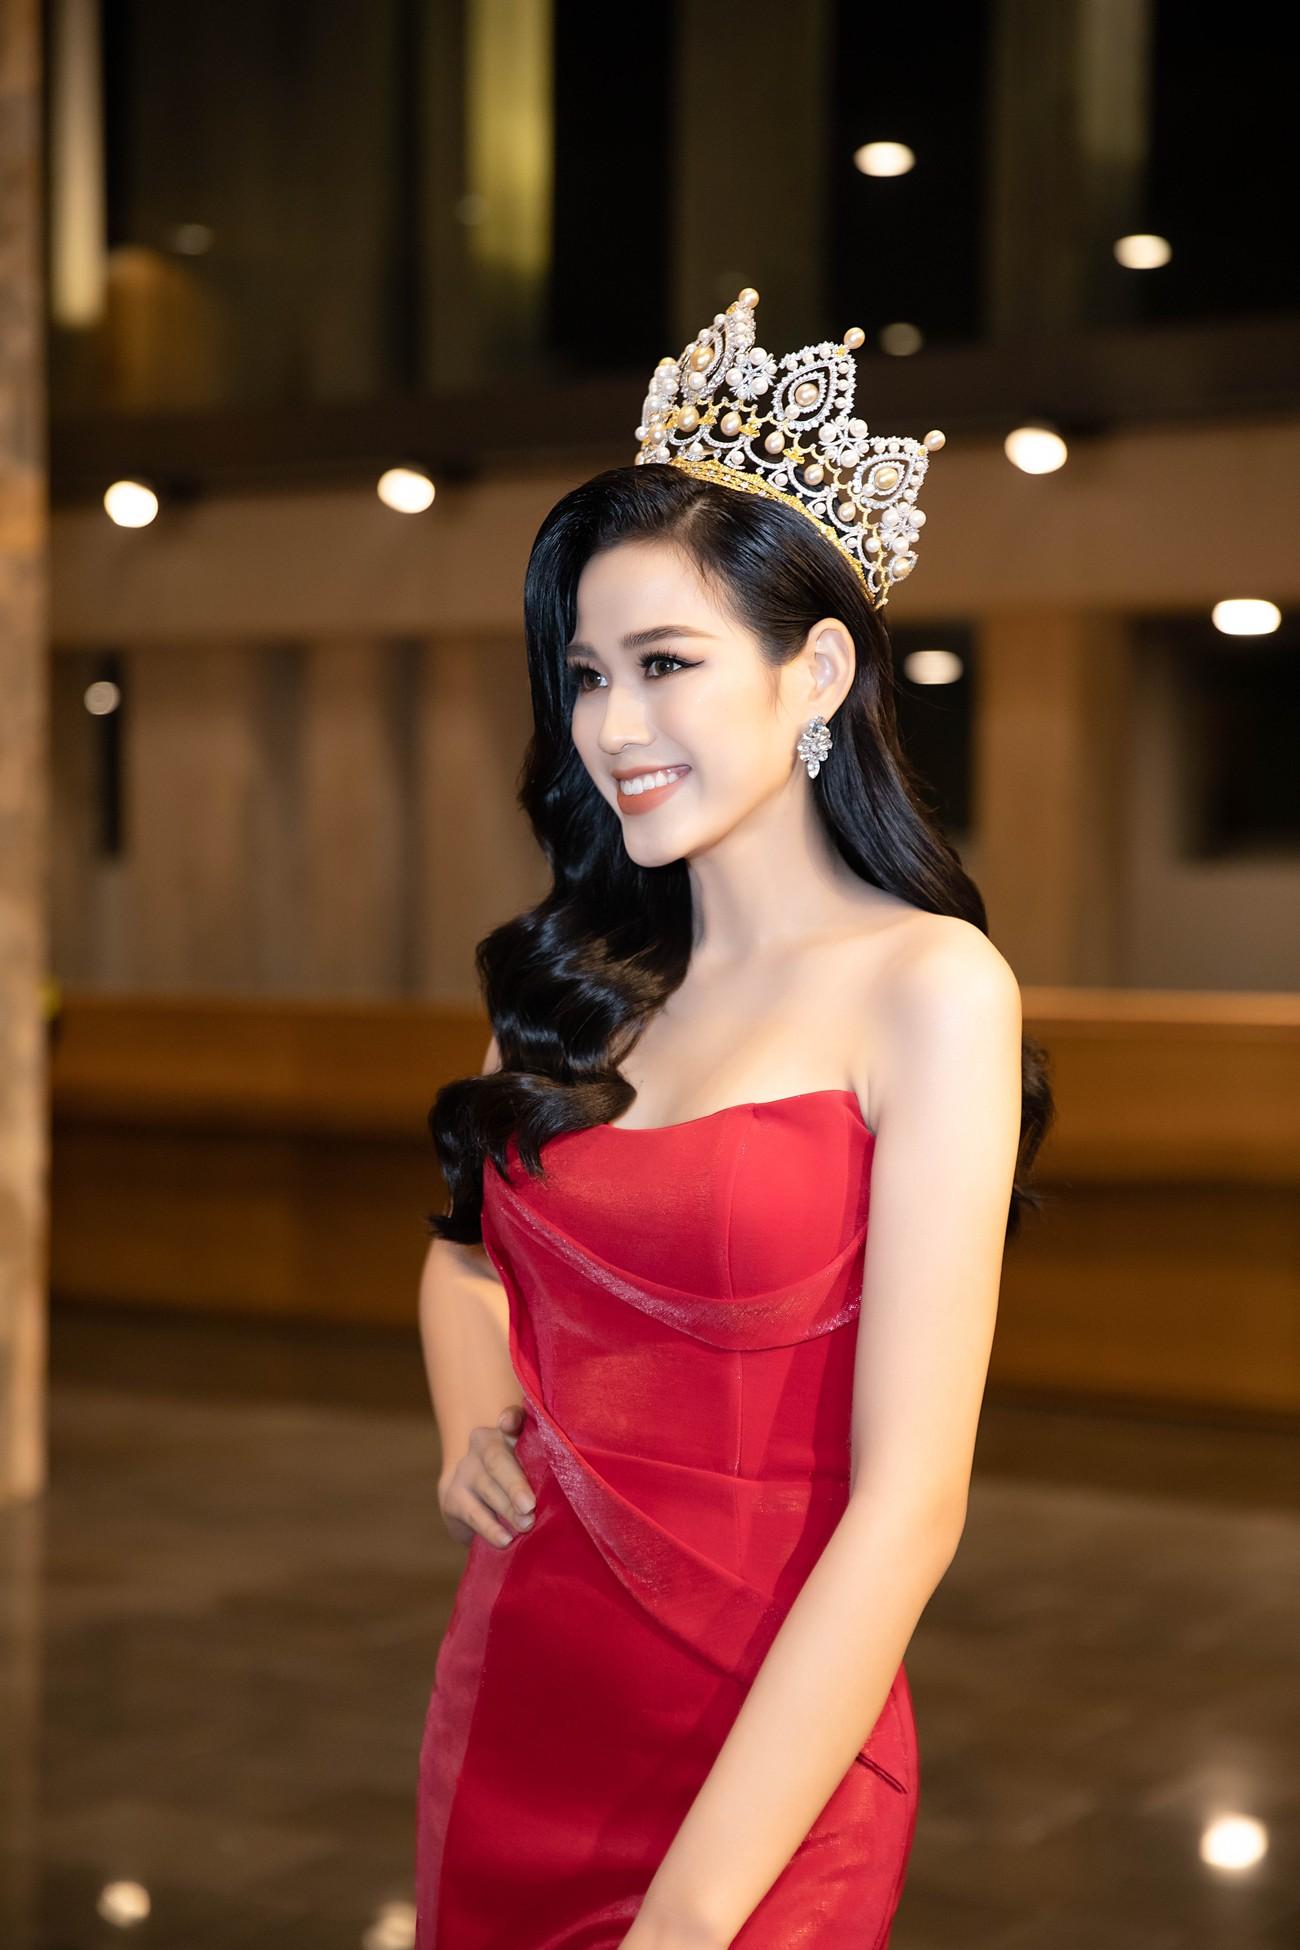 'Đụng' váy xẻ táo bạo với đàn chị Đỗ Mỹ Linh, Hoa hậu Đỗ Thị Hà thần thái rạng ngời ảnh 5